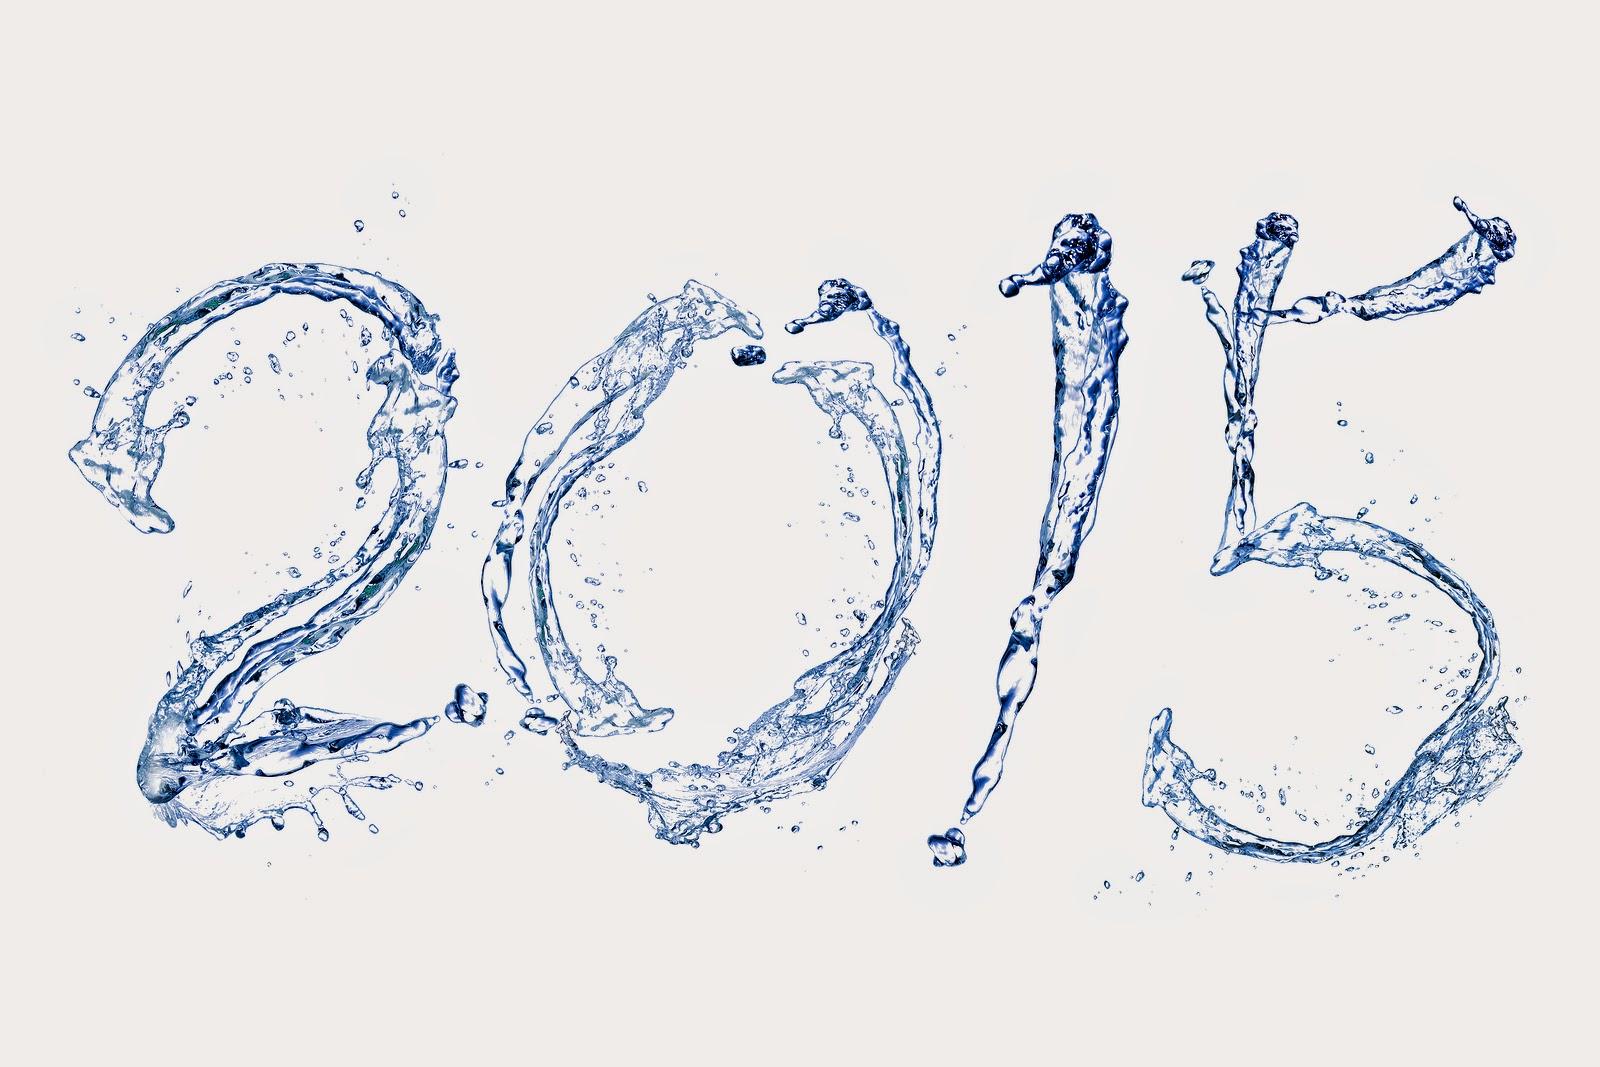 Despre 2015, in cateva cuvinte